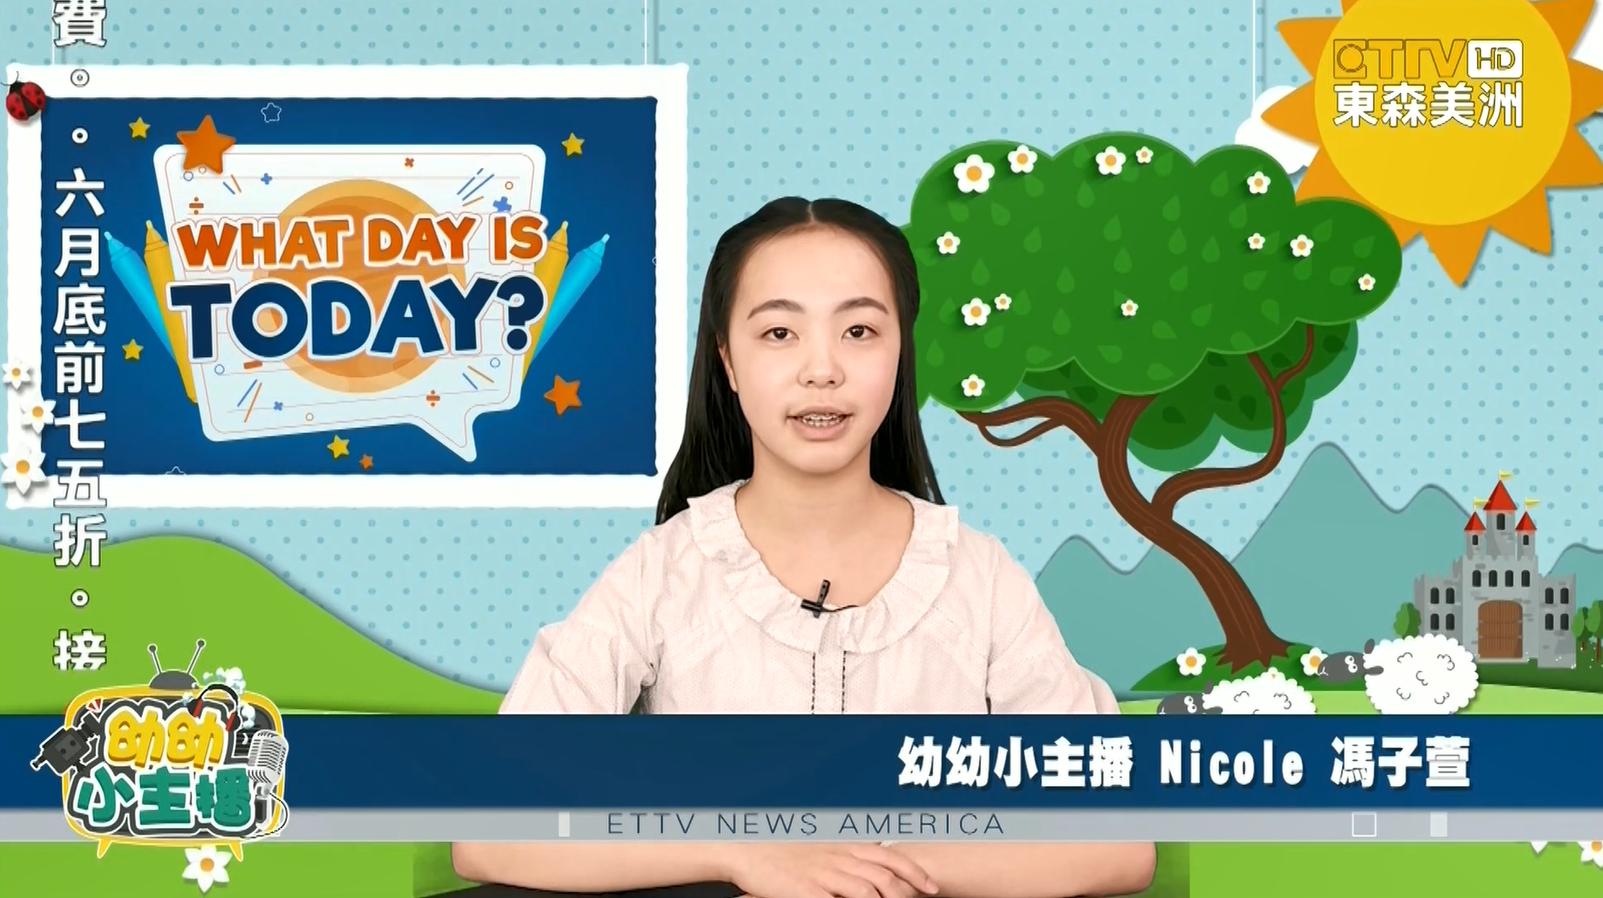 小主播Nicole:2月28日「罕見疾病日」 關懷+改善罕見疾病患者生活